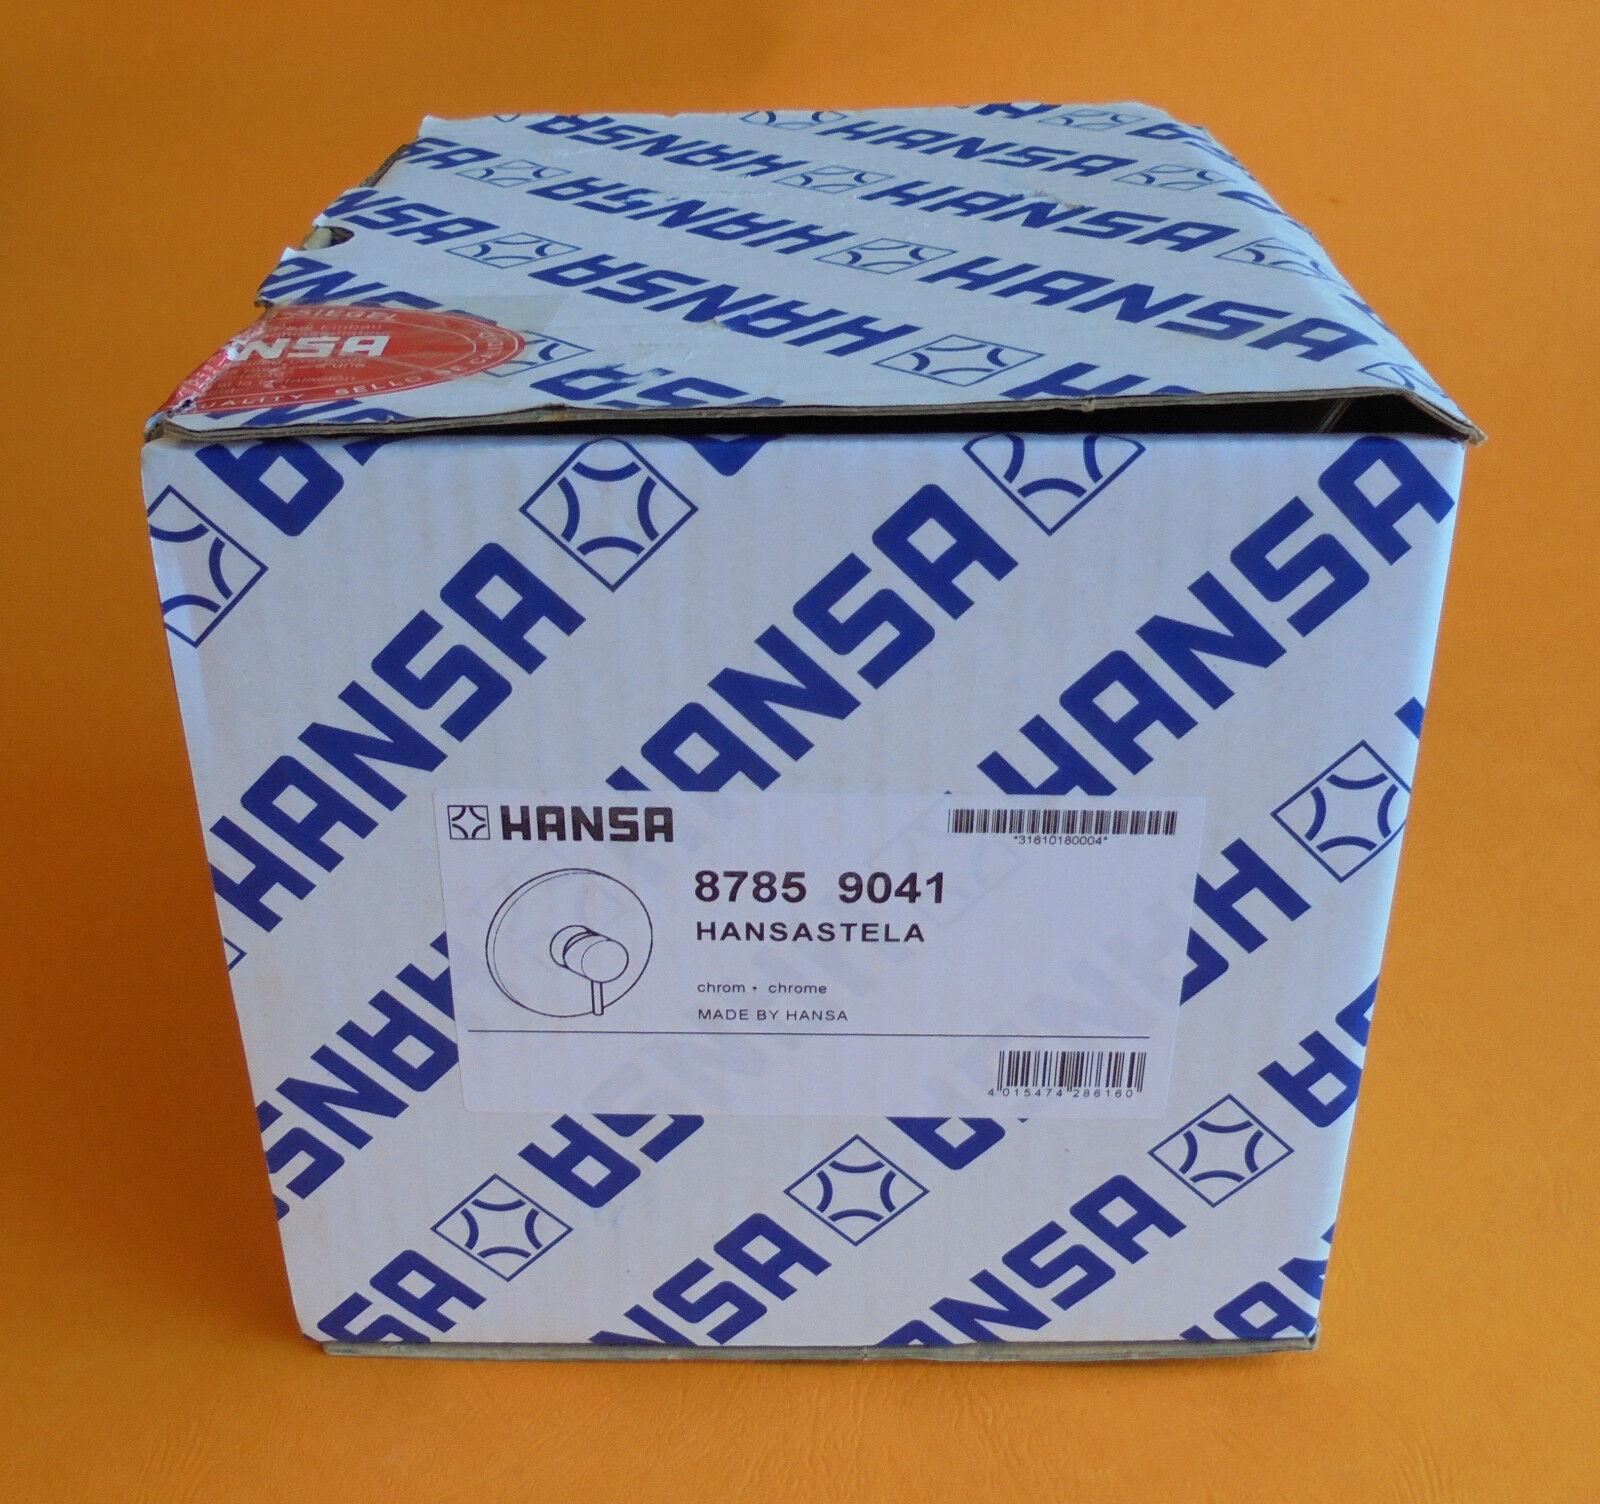 Hansastela Up. Fertigset Brause Dusche   8785-9041  HansaBlaubox Blaubox